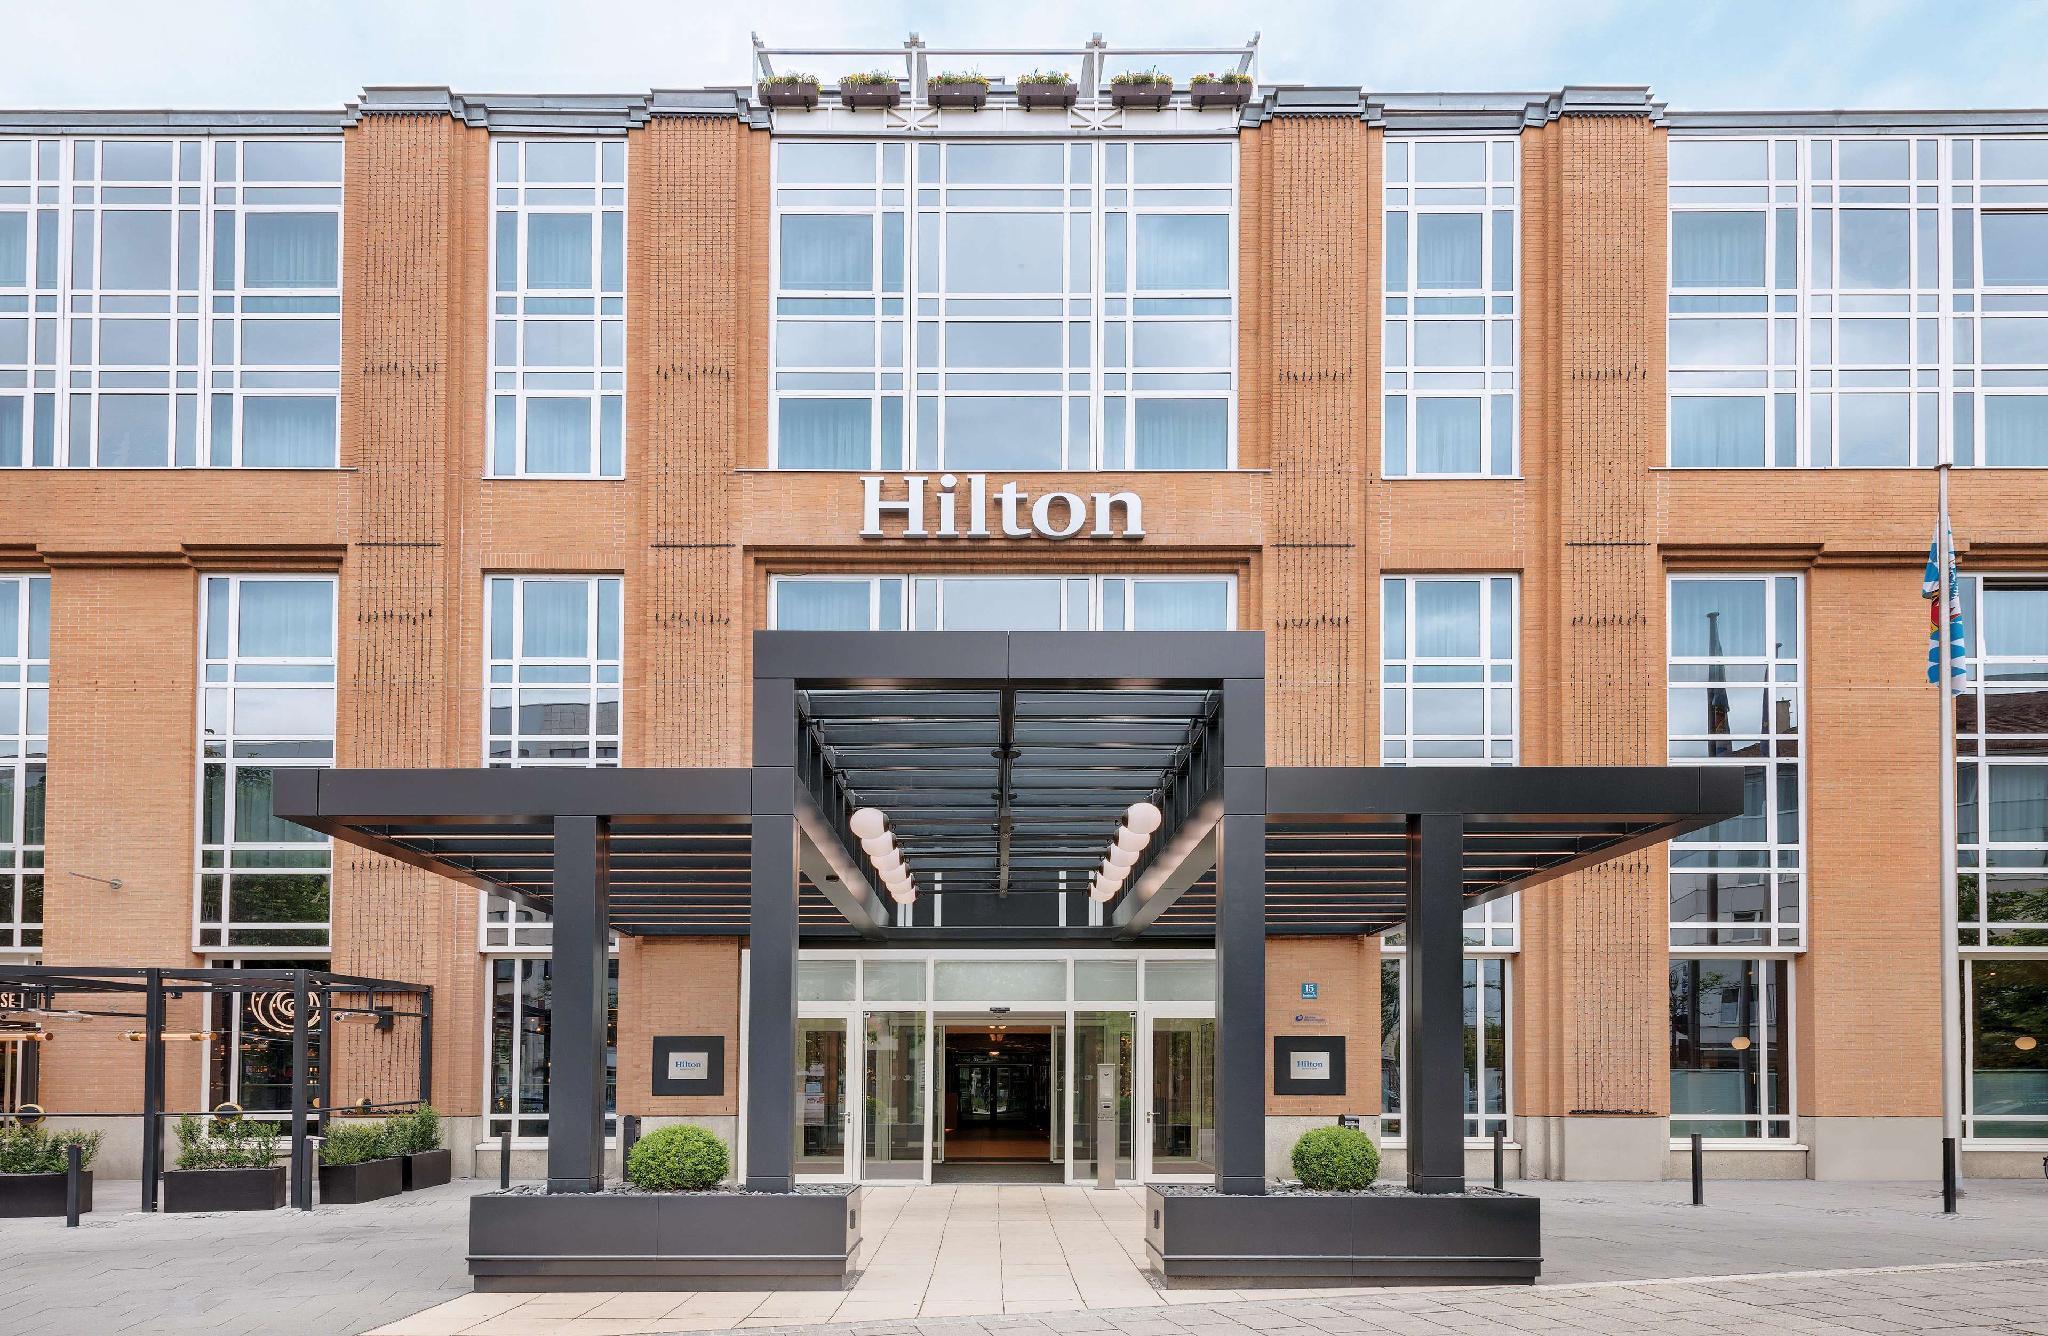 Hilton Munich City Hotel